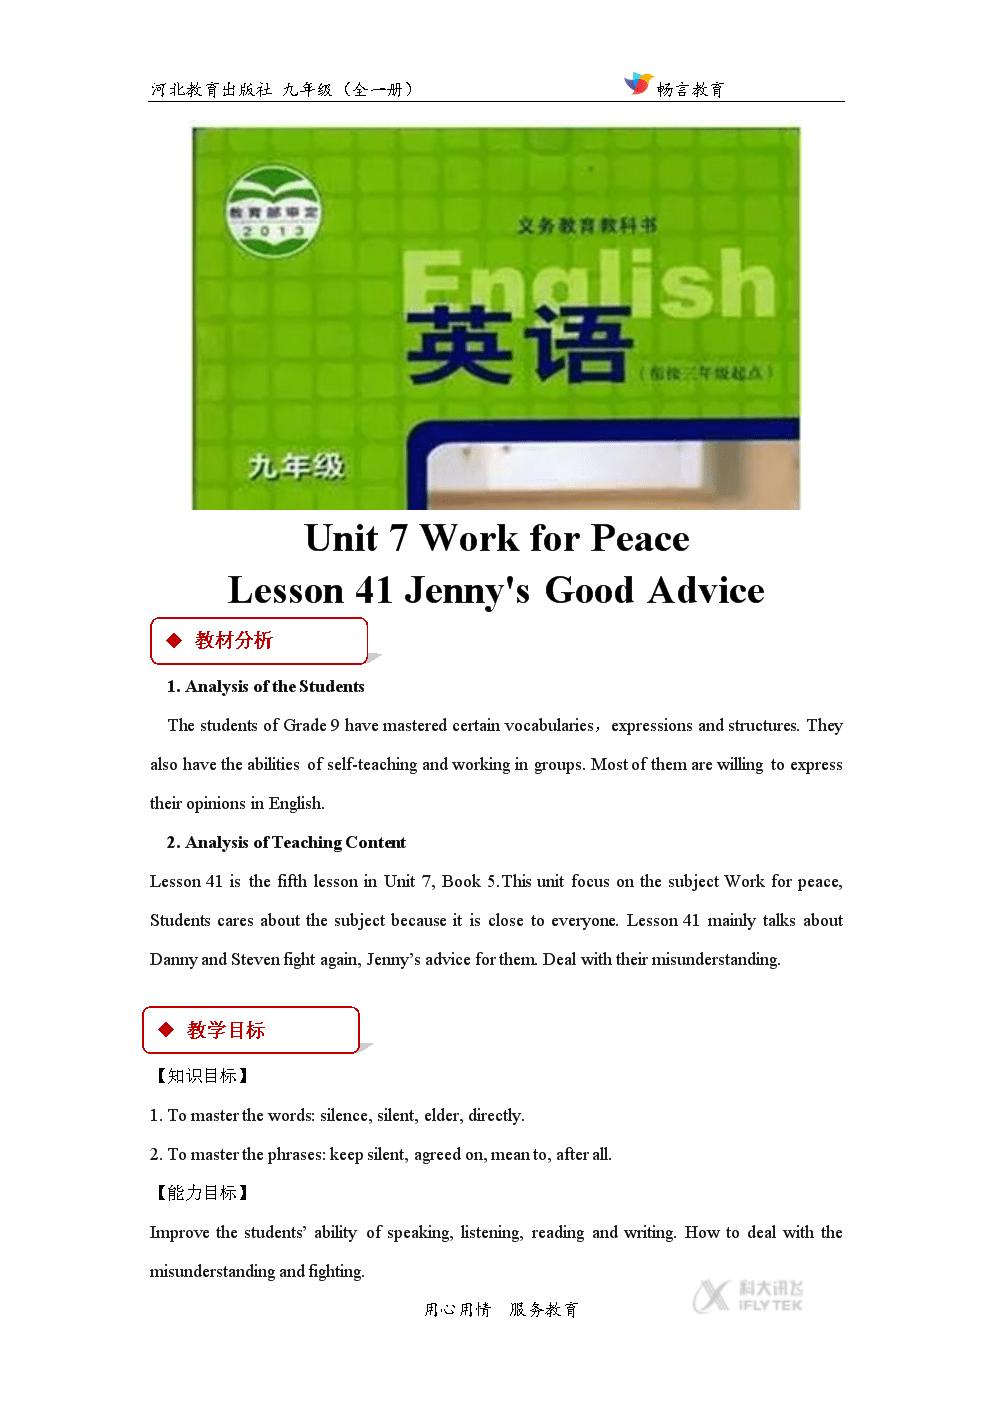 【教学设计】Unit 7 Lesson 41(冀教)-1.docx